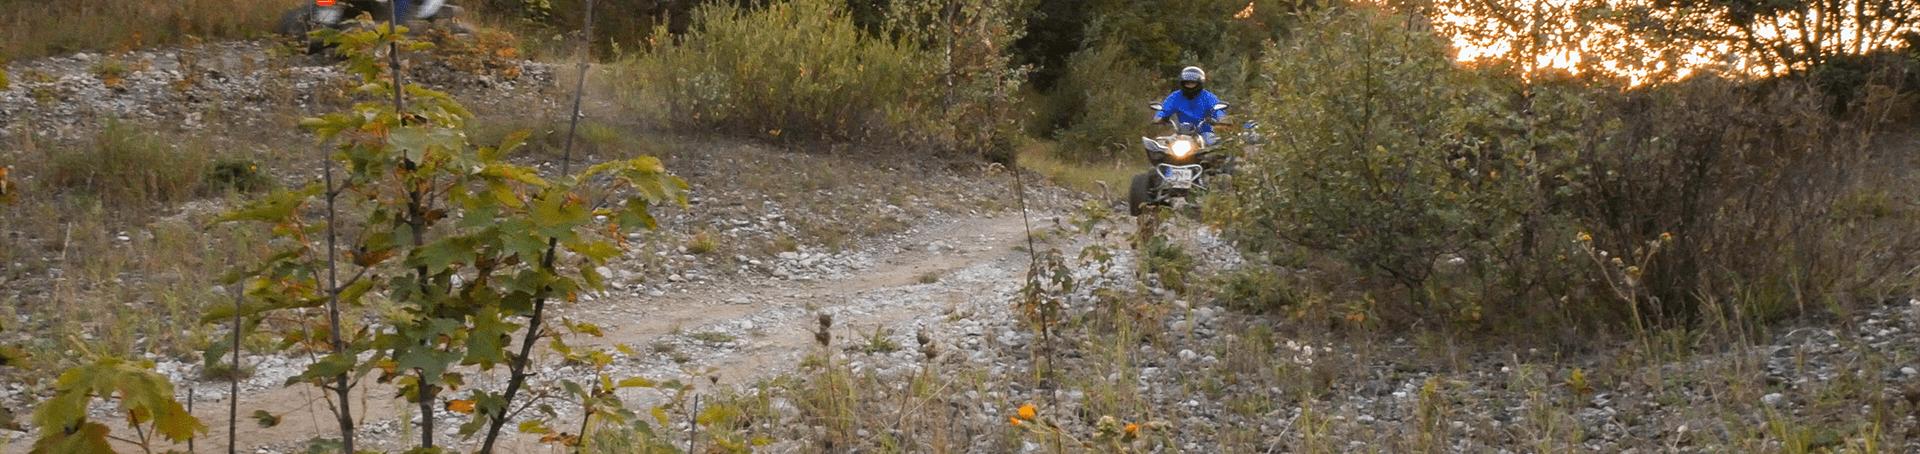 Die Offroadstrecke bei der Tour mit Michis Quadtouren